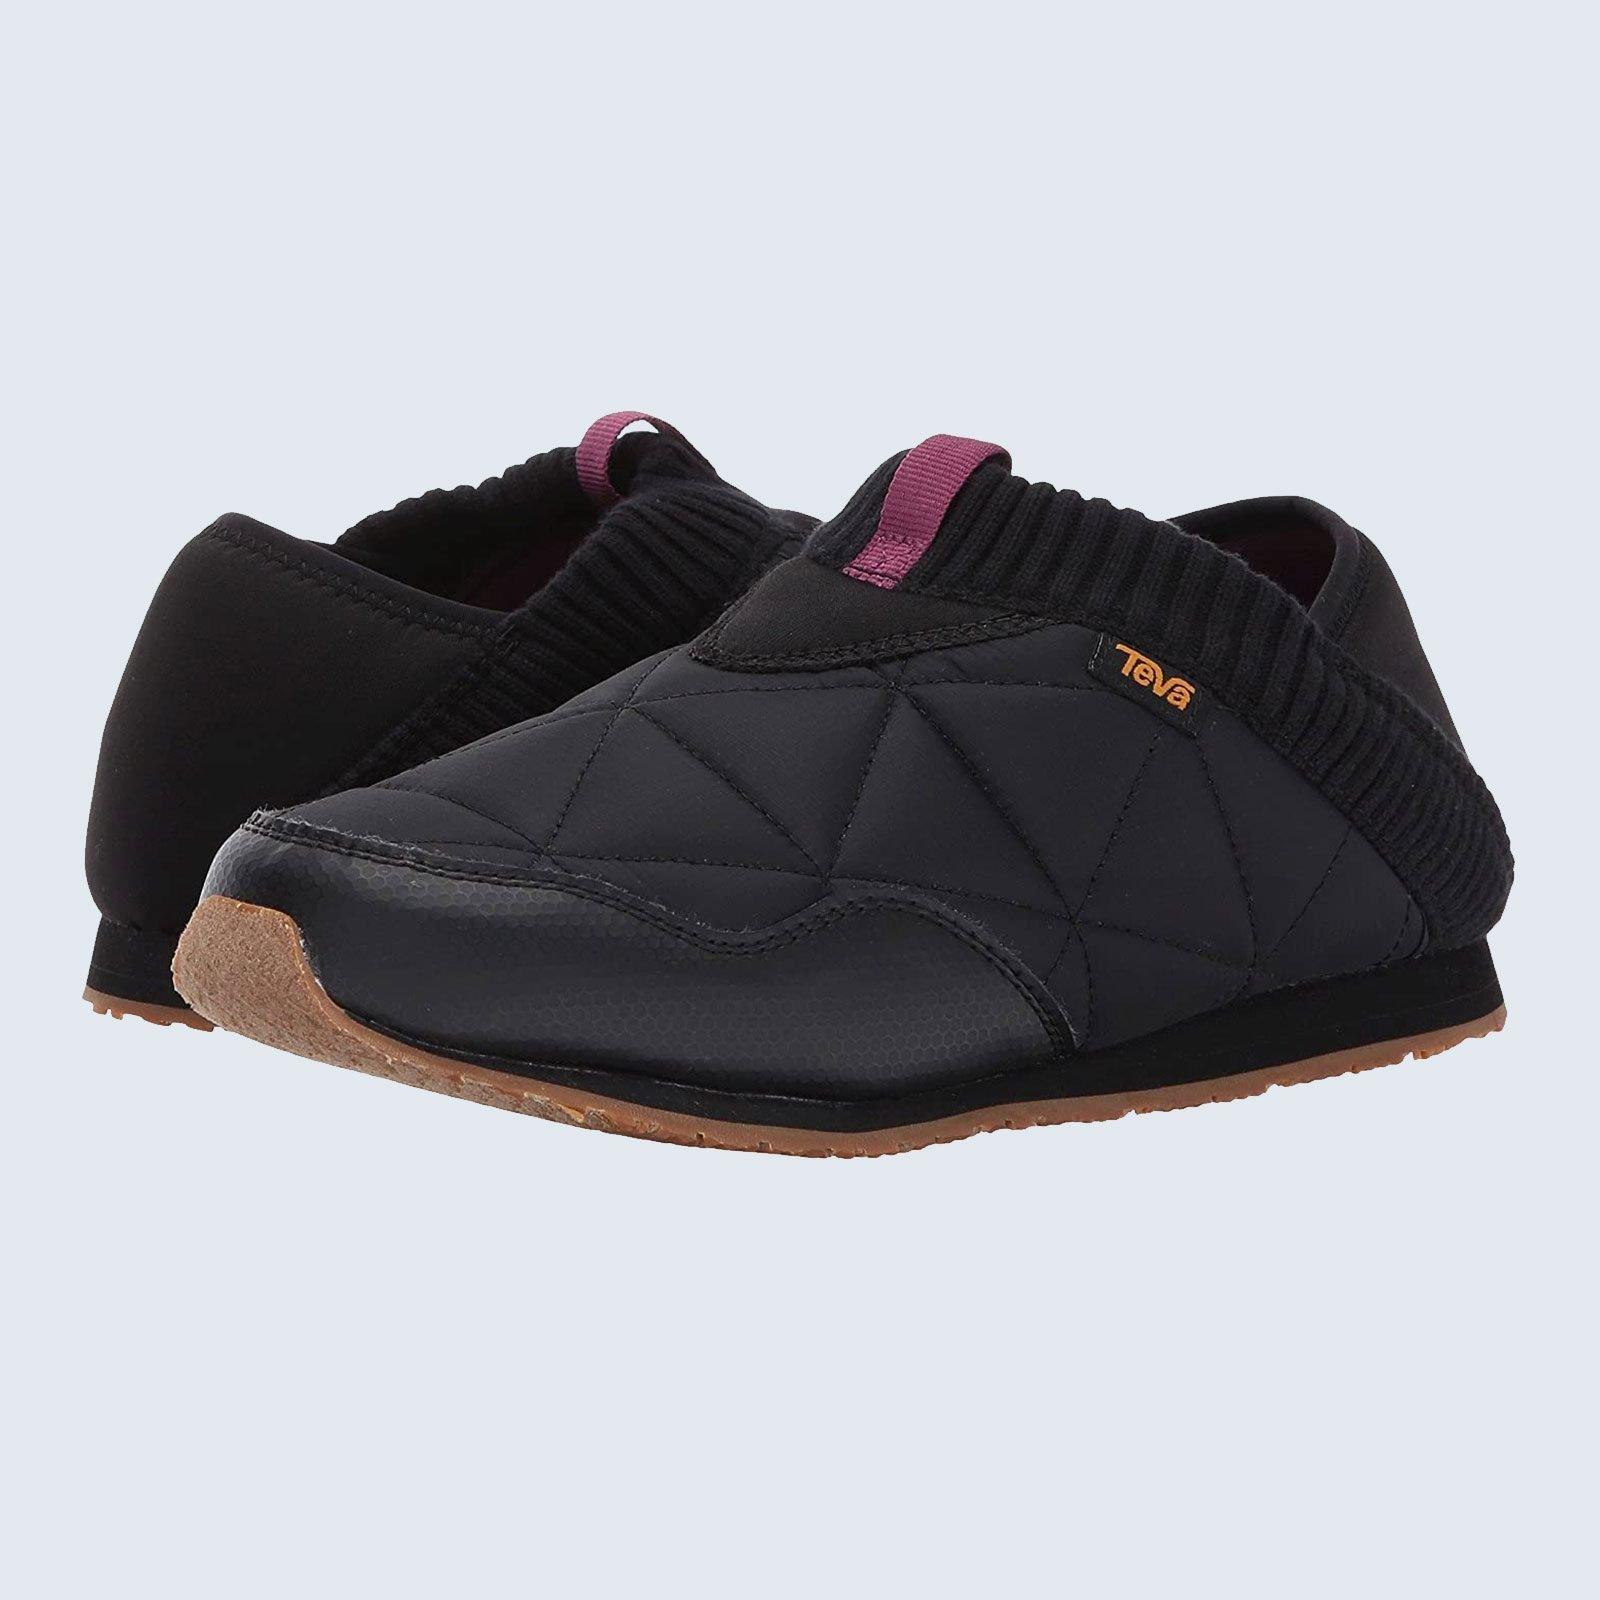 Best slippers for camping: Teva Ember Moc